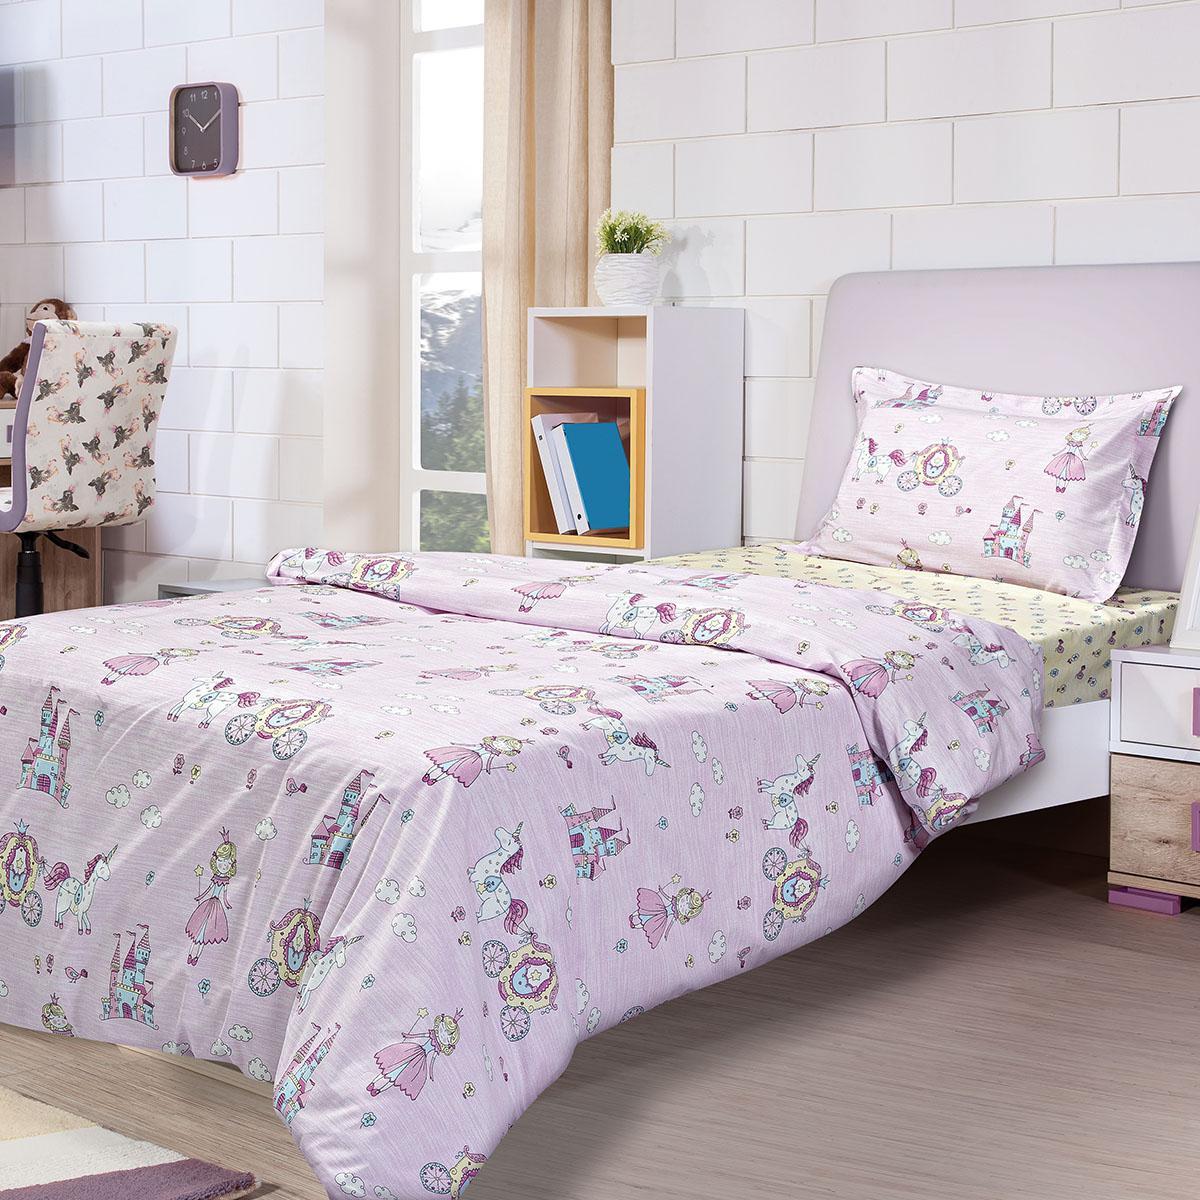 Σετ πάπλωμα μονό Tale Art 6171 160×240 Ροζ,Κίτρινο Beauty Home